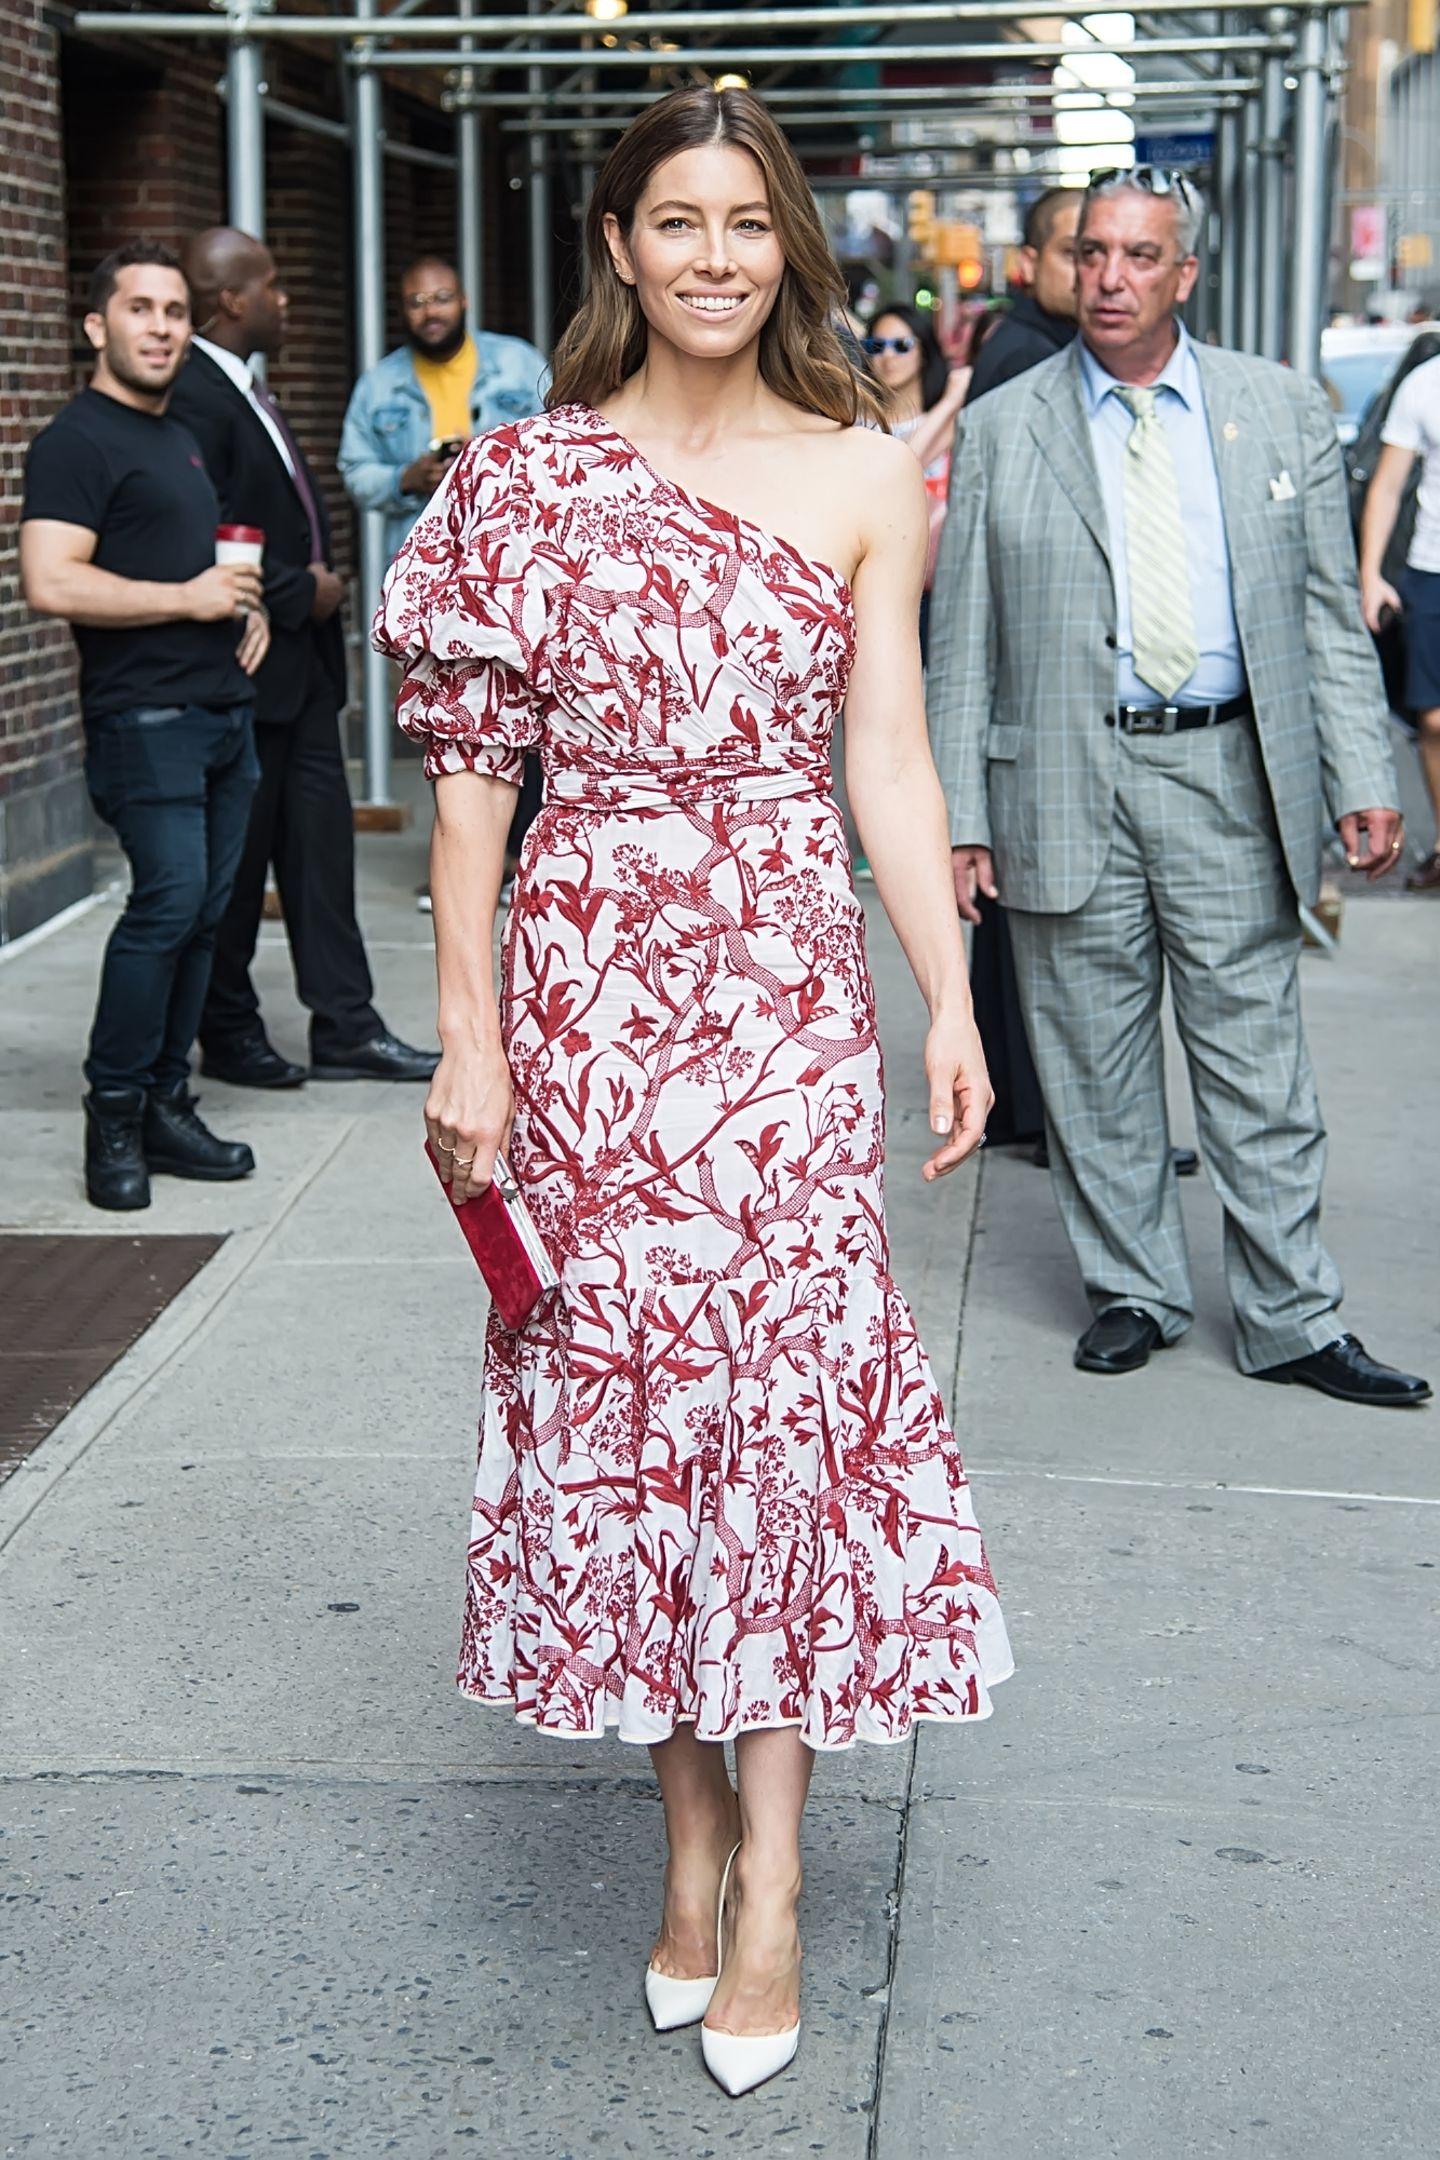 Der Twist zwischen klassischer Midi-Länge und modernem Print macht das Kleid zu einem echten Hingucker. Jessica kombiniert dazu eine rote Clutch und weiße Highheels von Christian Louboutin. Ein perfekter Look für die Schauspielerin, die damit ihre sportliche Figur perfekt in Szene setzt.